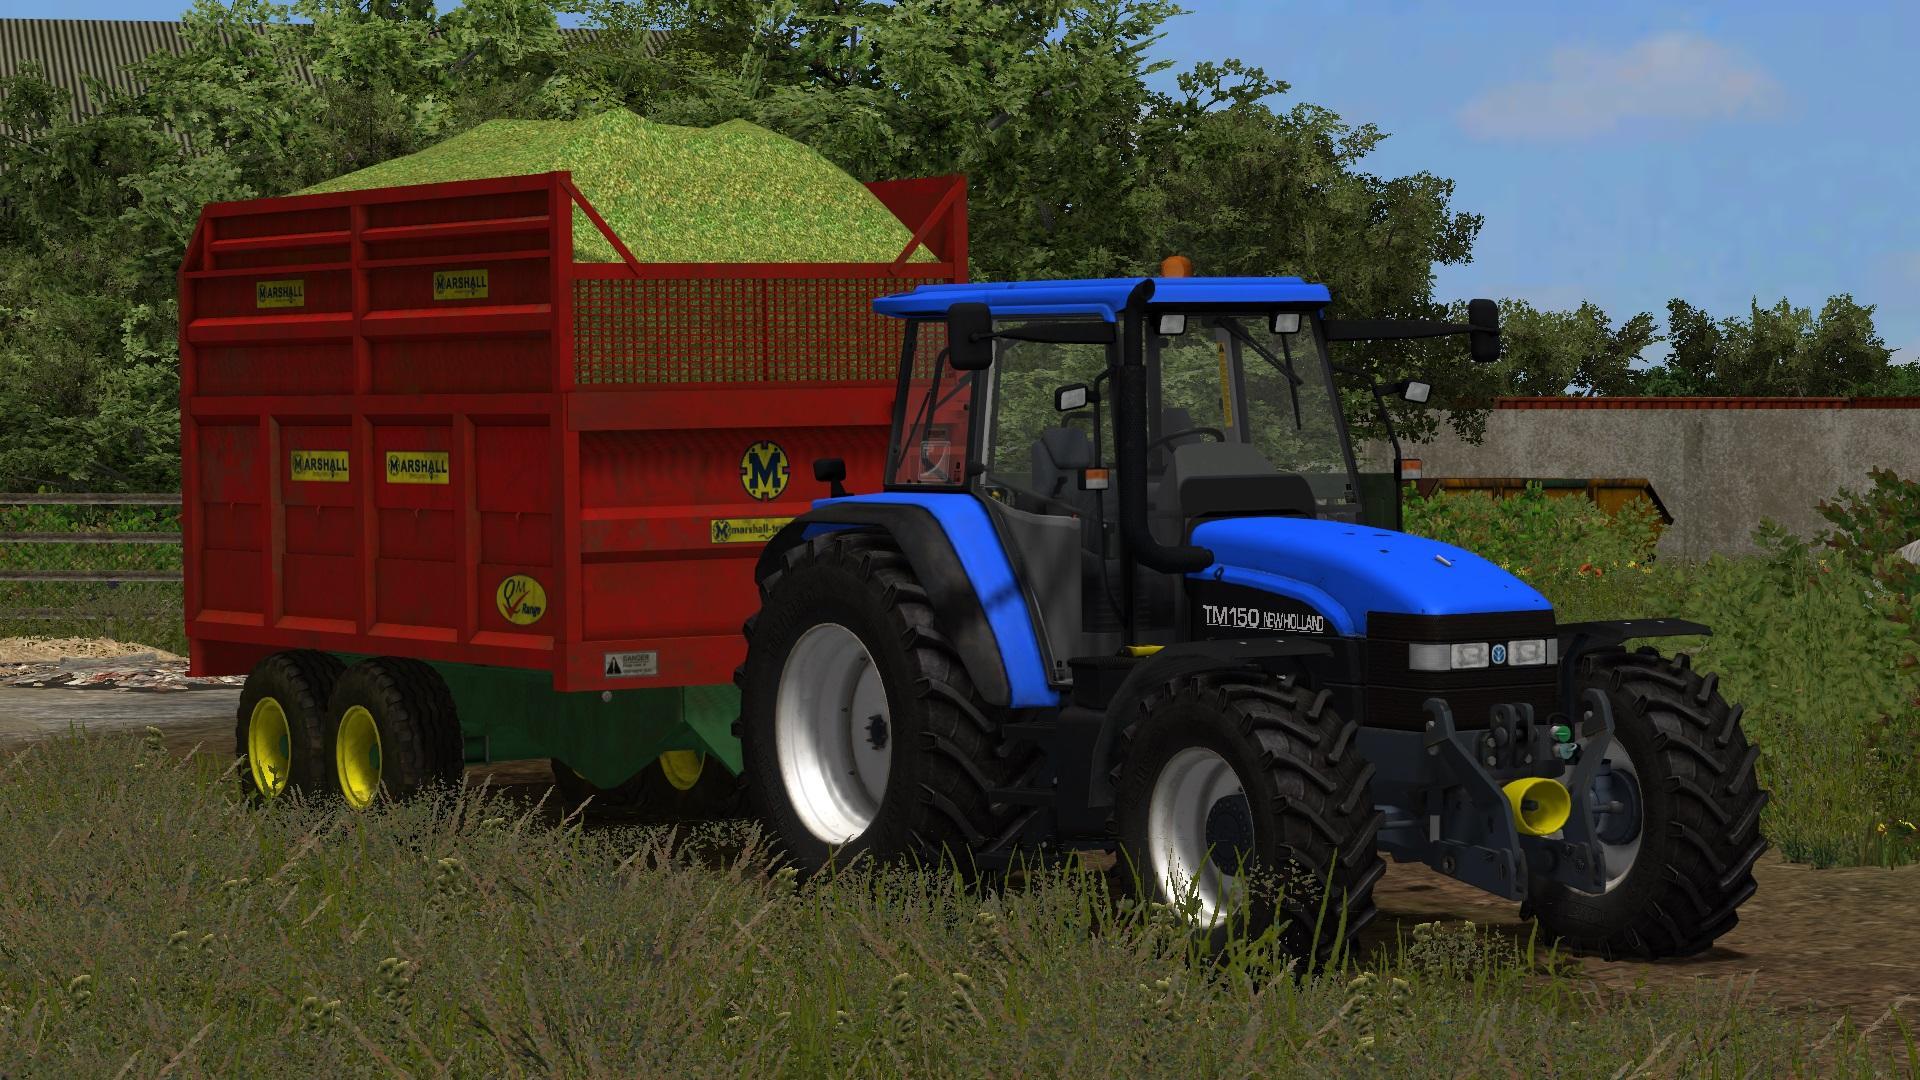 ... Strona 32 z 179 - Mody do Farming Simulator 15 / 2013 (LS 15 / 2013